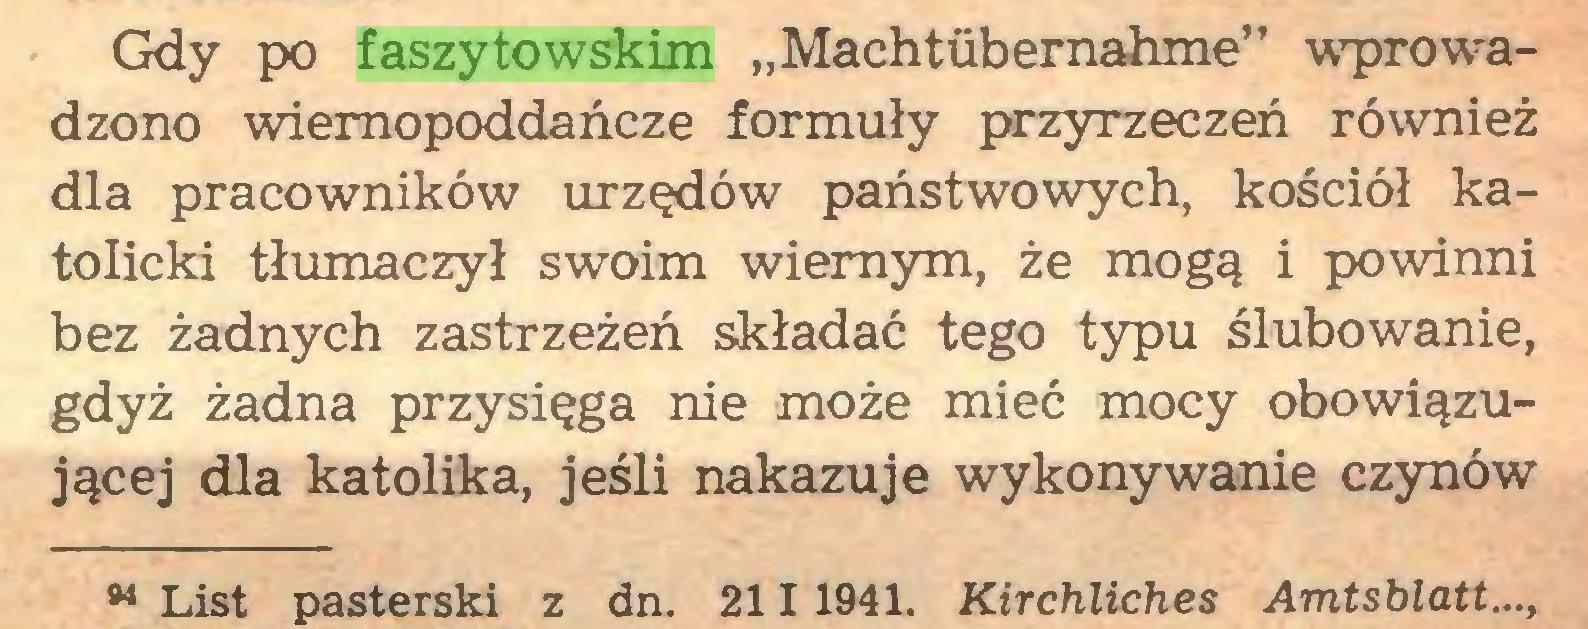 """(...) Gdy po faszytowskim """"Machtübernahme"""" wprowadzono wiemopoddańcze formuły przyrzeczeń również dla pracowników urzędów państwowych, kościół katolicki tłumaczył swoim wiernym, że mogą i powinni bez żadnych zastrzeżeń składać tego typu ślubowanie, gdyż żadna przysięga nie może mieć mocy obowiązującej dla katolika, jeśli nakazuje wykonywanie czynów w List pasterski z dn. 2111941. Kirchliches Amtsblatt...,..."""